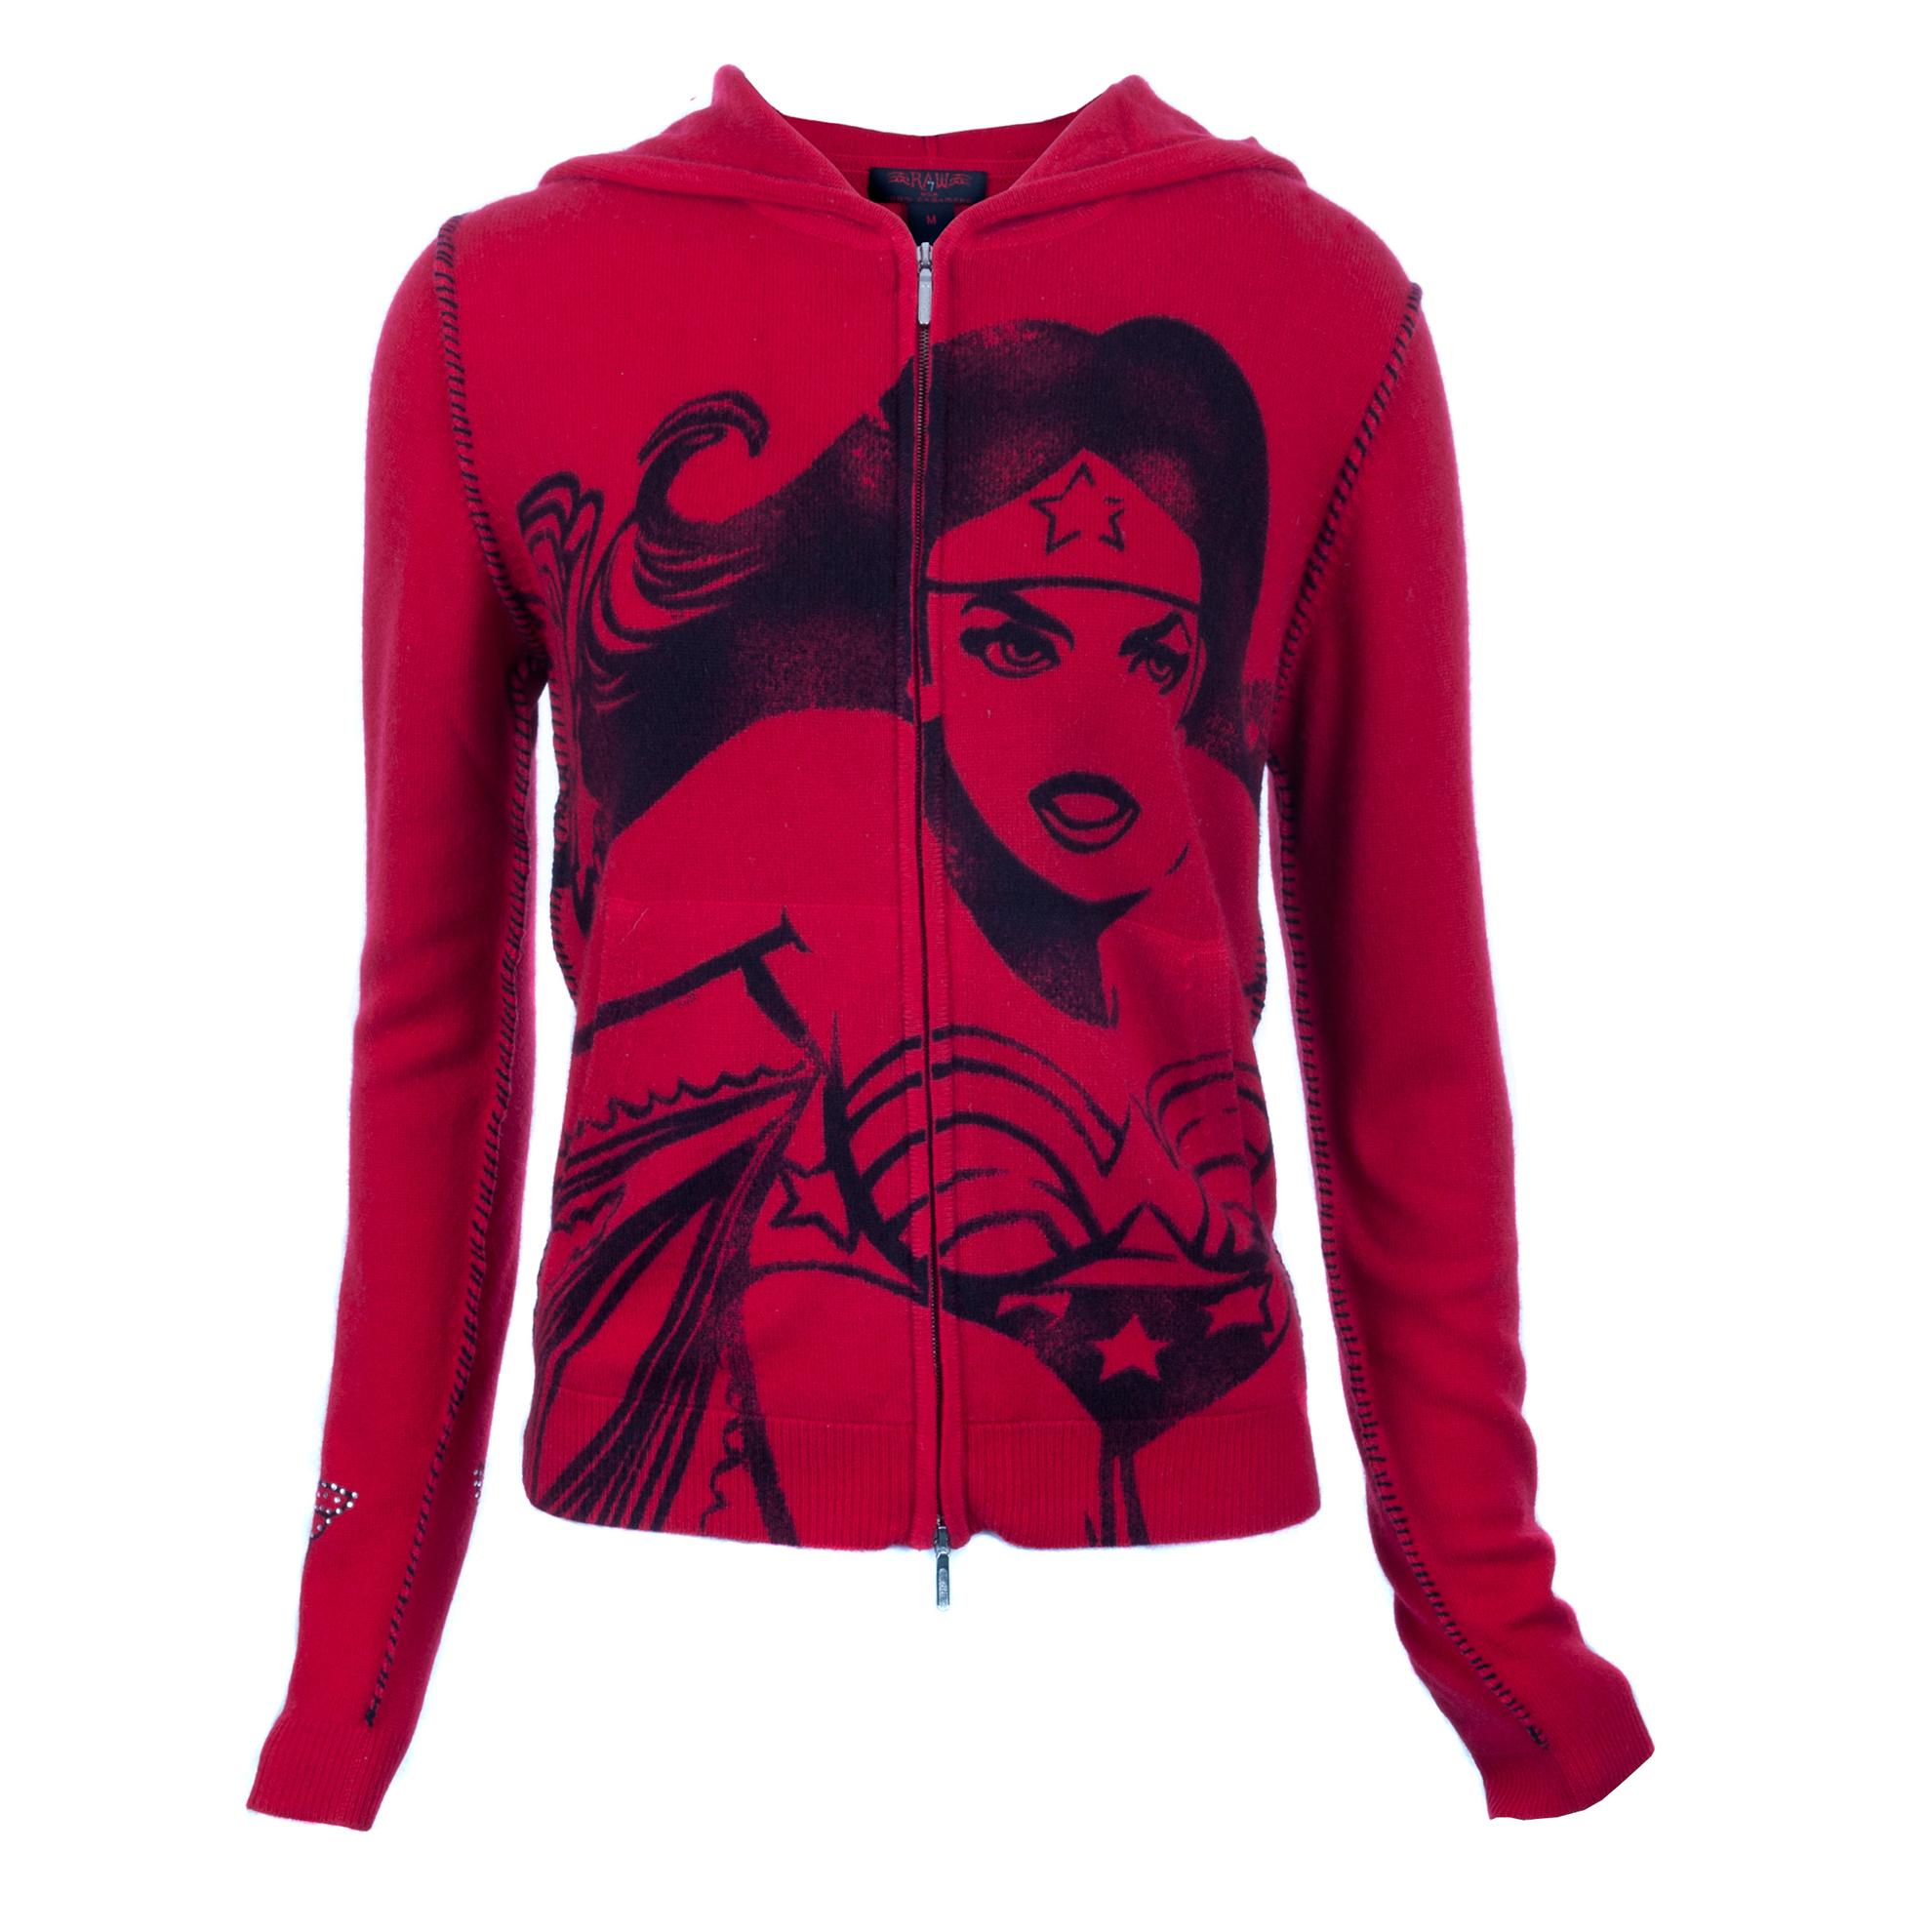 RAW 7 PCSH204-WonderWoman-Red RAW 7 Women's Cashmere Hoodie Zip Front WonderWoman Design Red